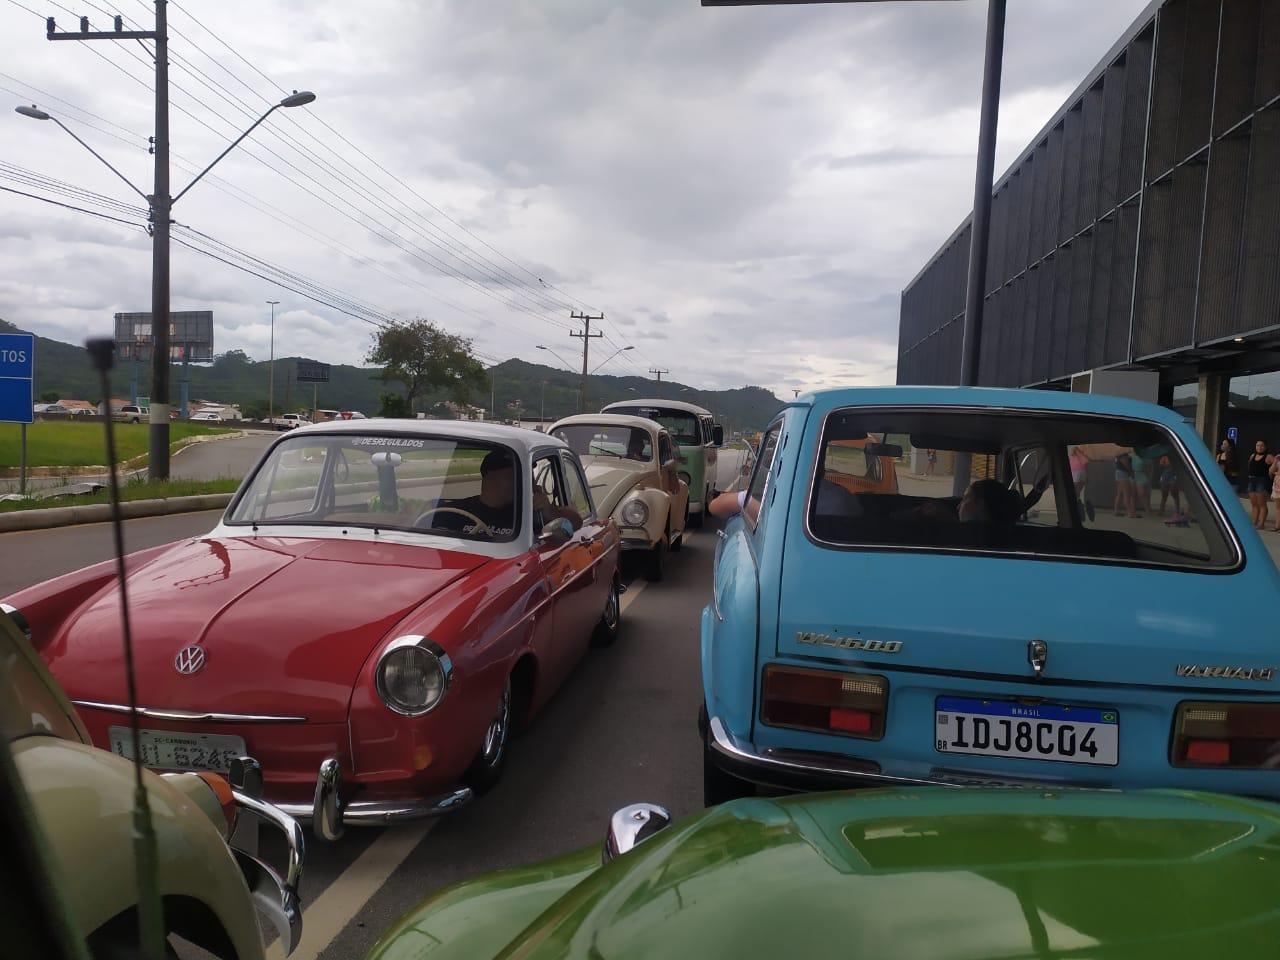 Carreata saiu do Centro de eventos de Balneário Camboriú. - Wagner S. Rodrigues